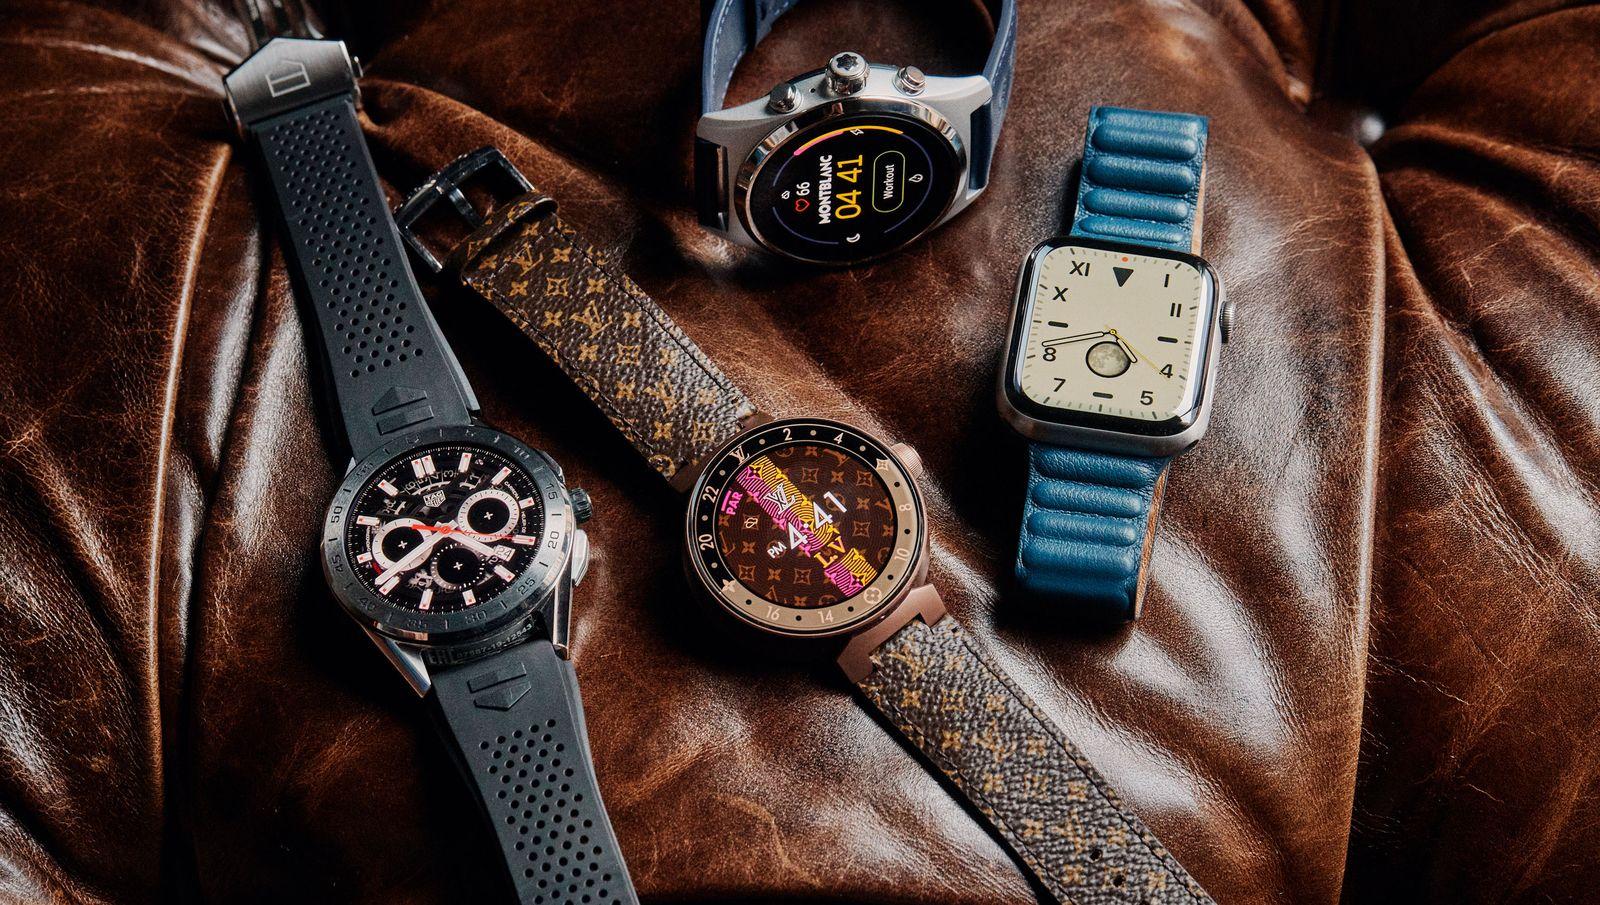 Luxury Smartwatches vs. the Premium Apple Watch